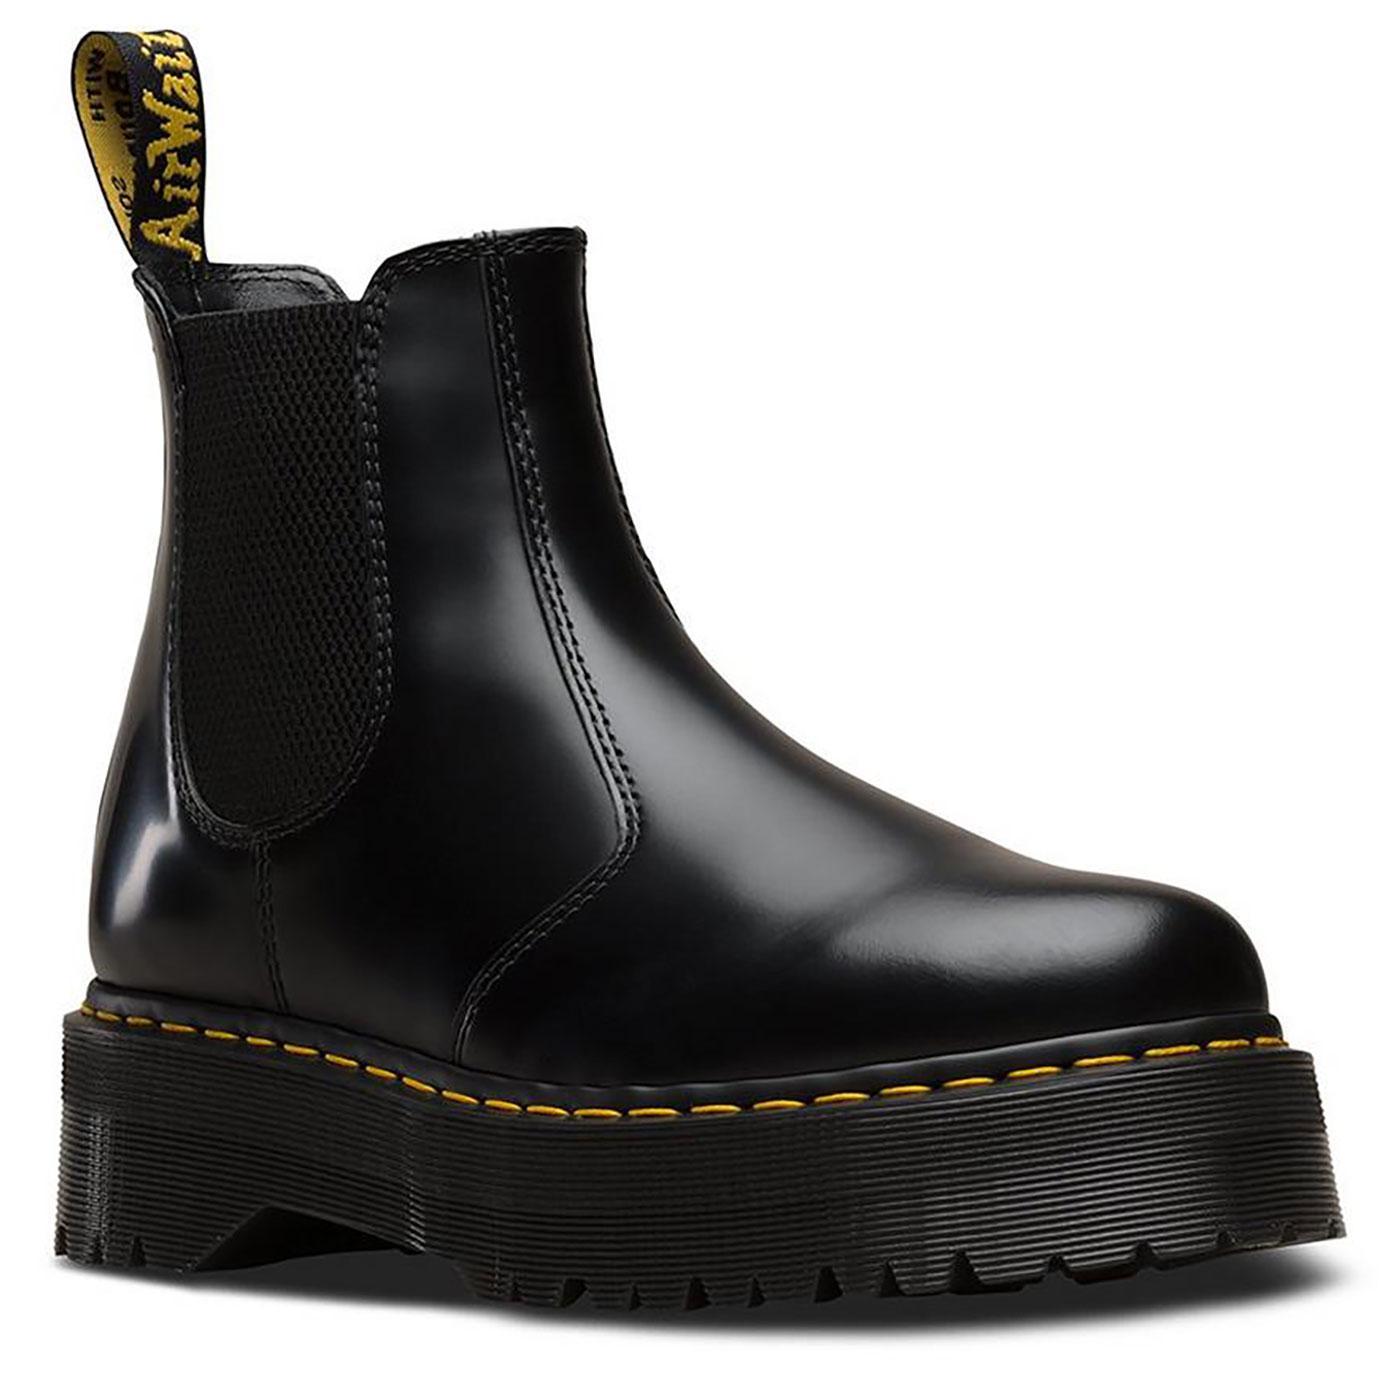 2976 Quad DR MARTENS Womens Platform Chelsea Boots